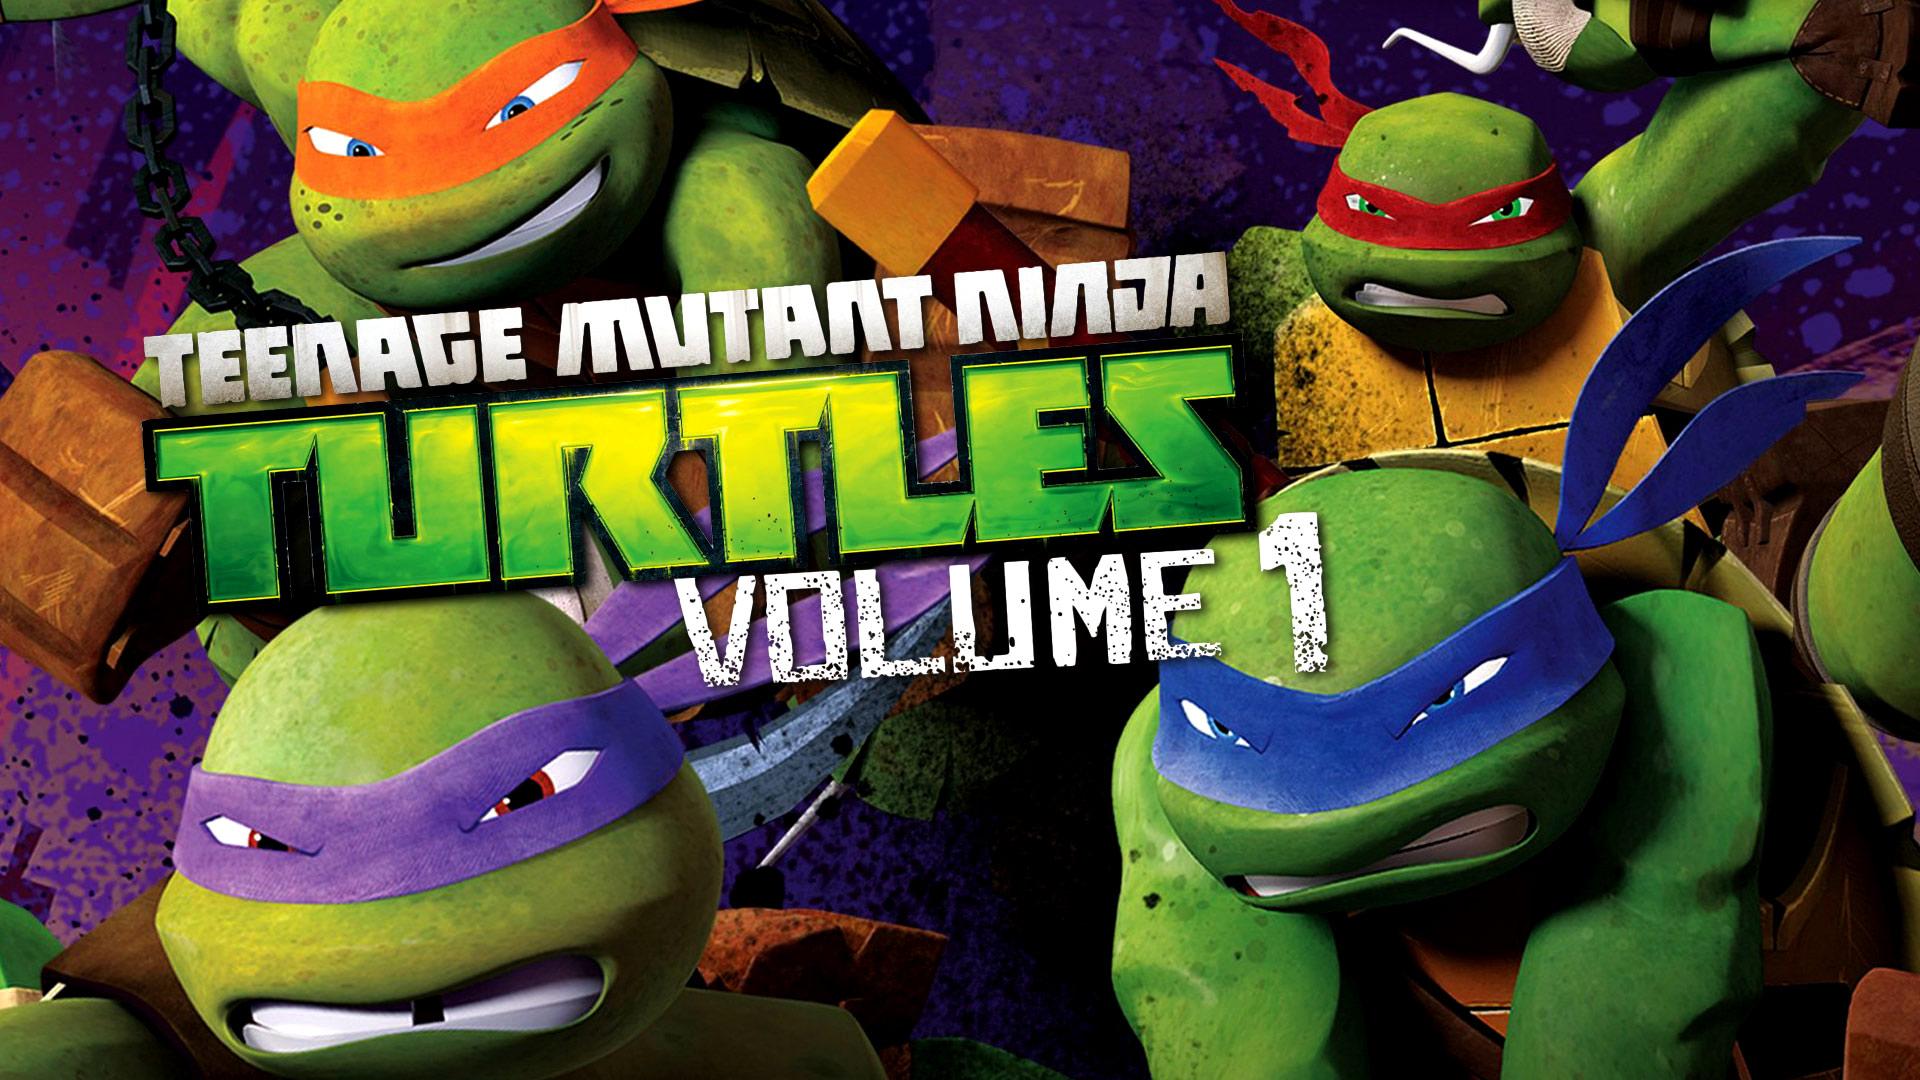 Teenage Mutant Ninja Turtles Volume 1